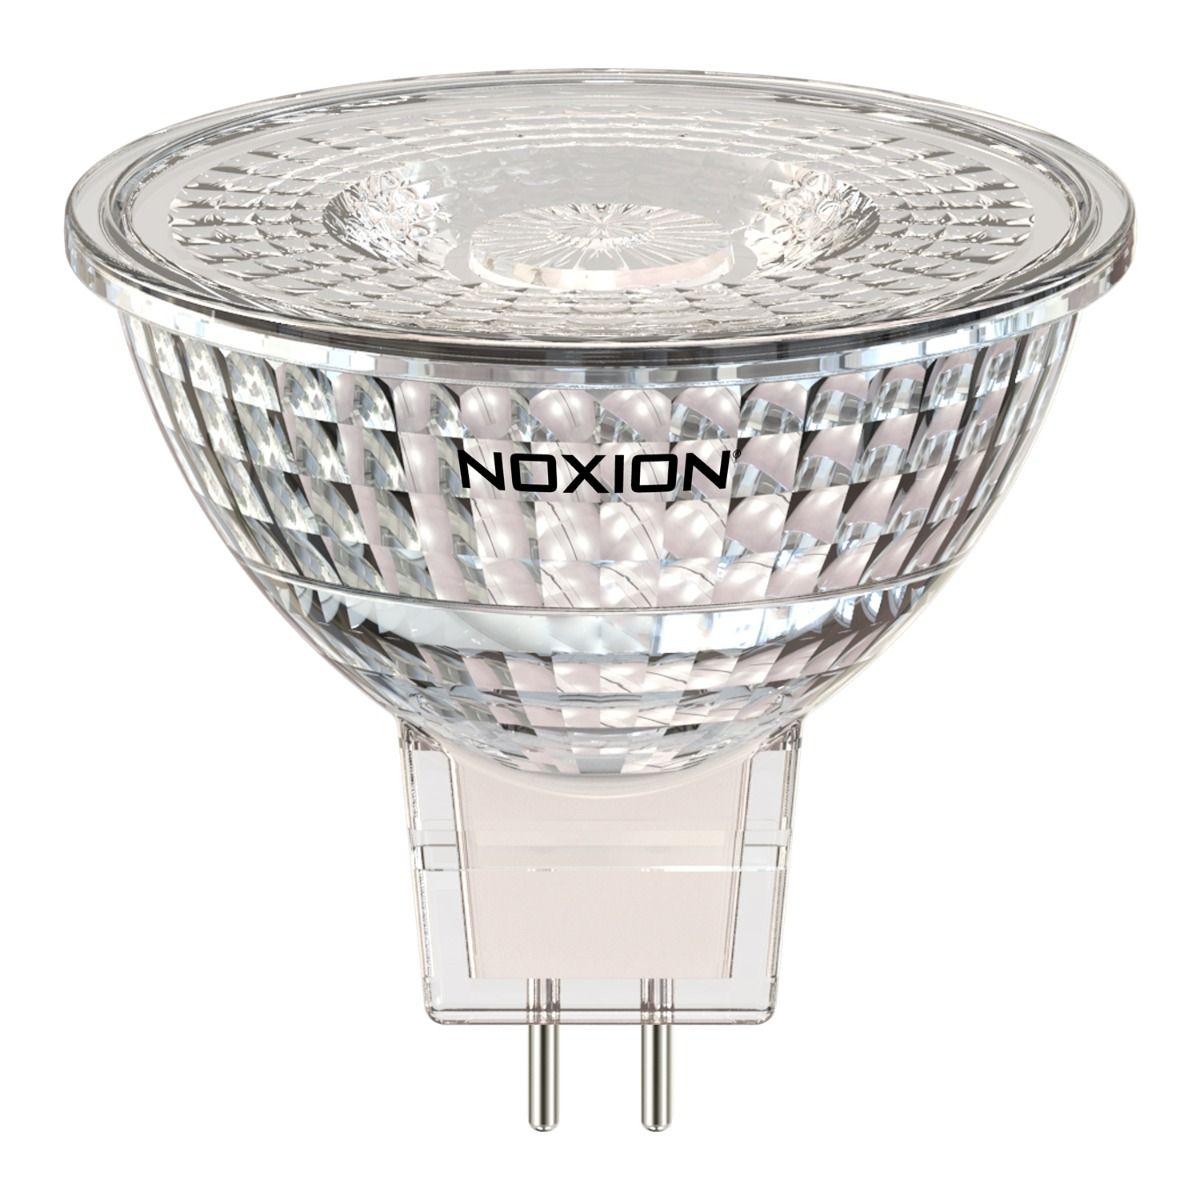 Noxion LED Spot GU5.3 5W 827 60D 470lm | Dimbaar - Vervanger voor 35W